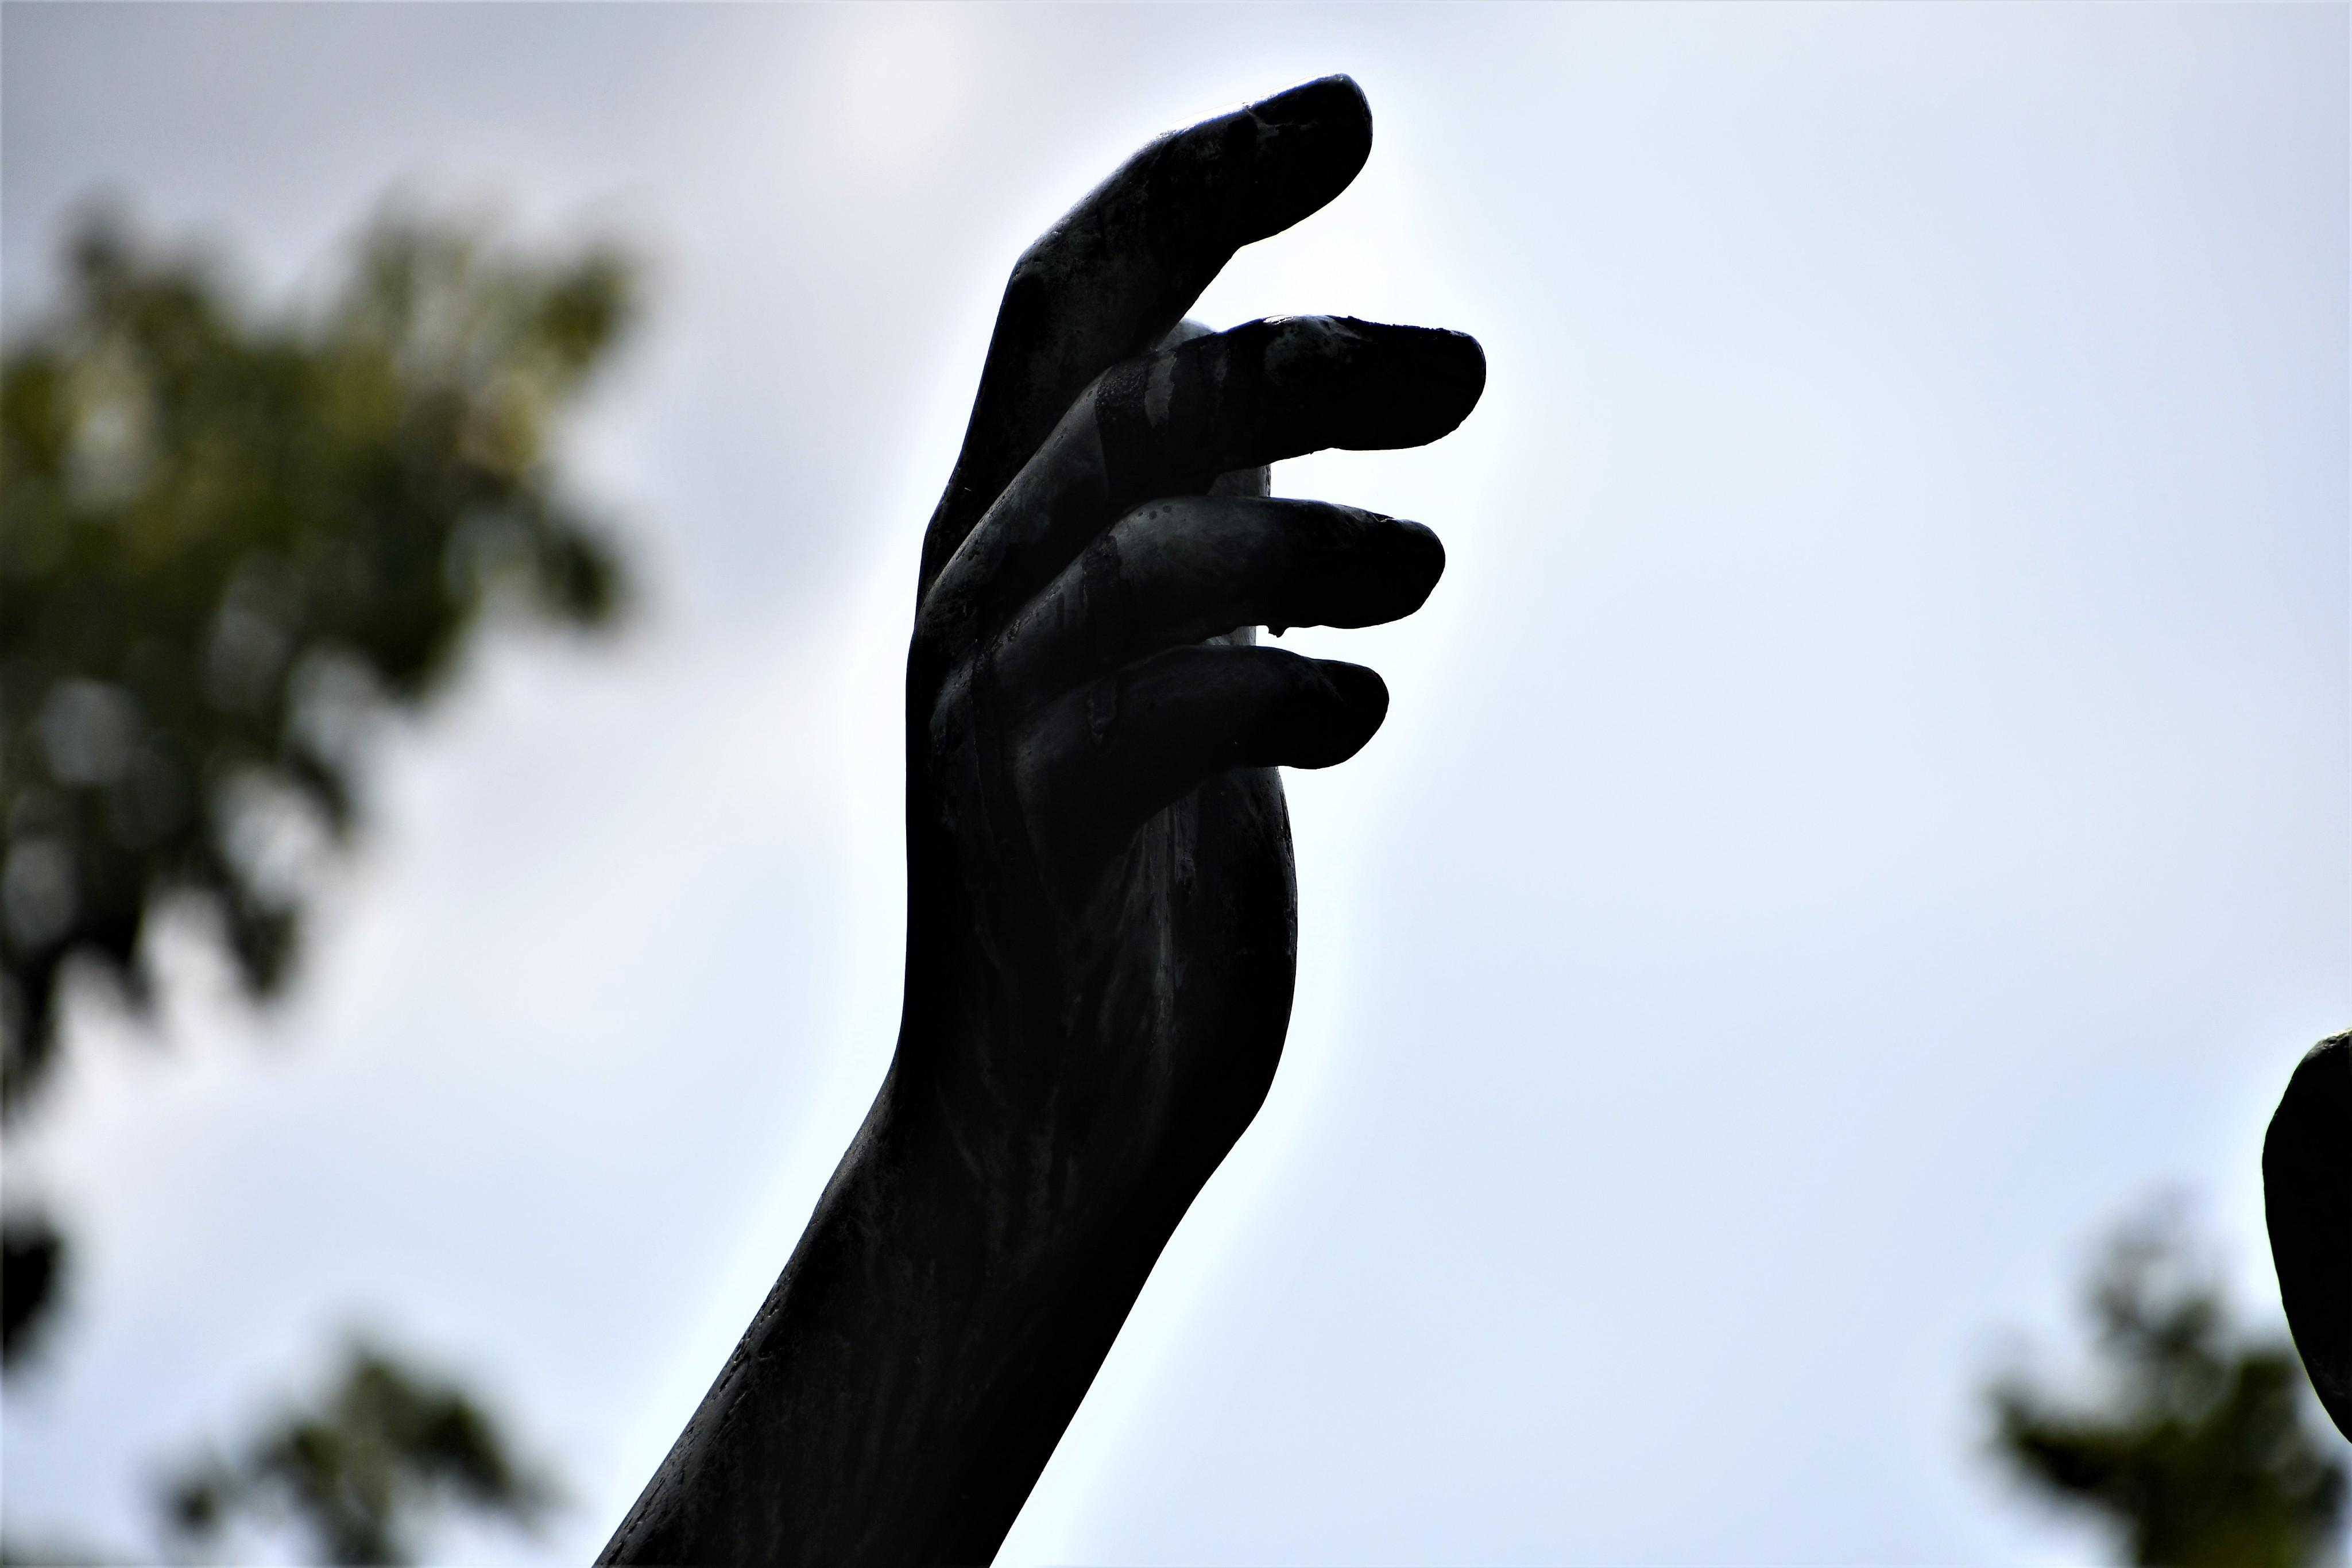 kantonsschule-statue-13.07-1